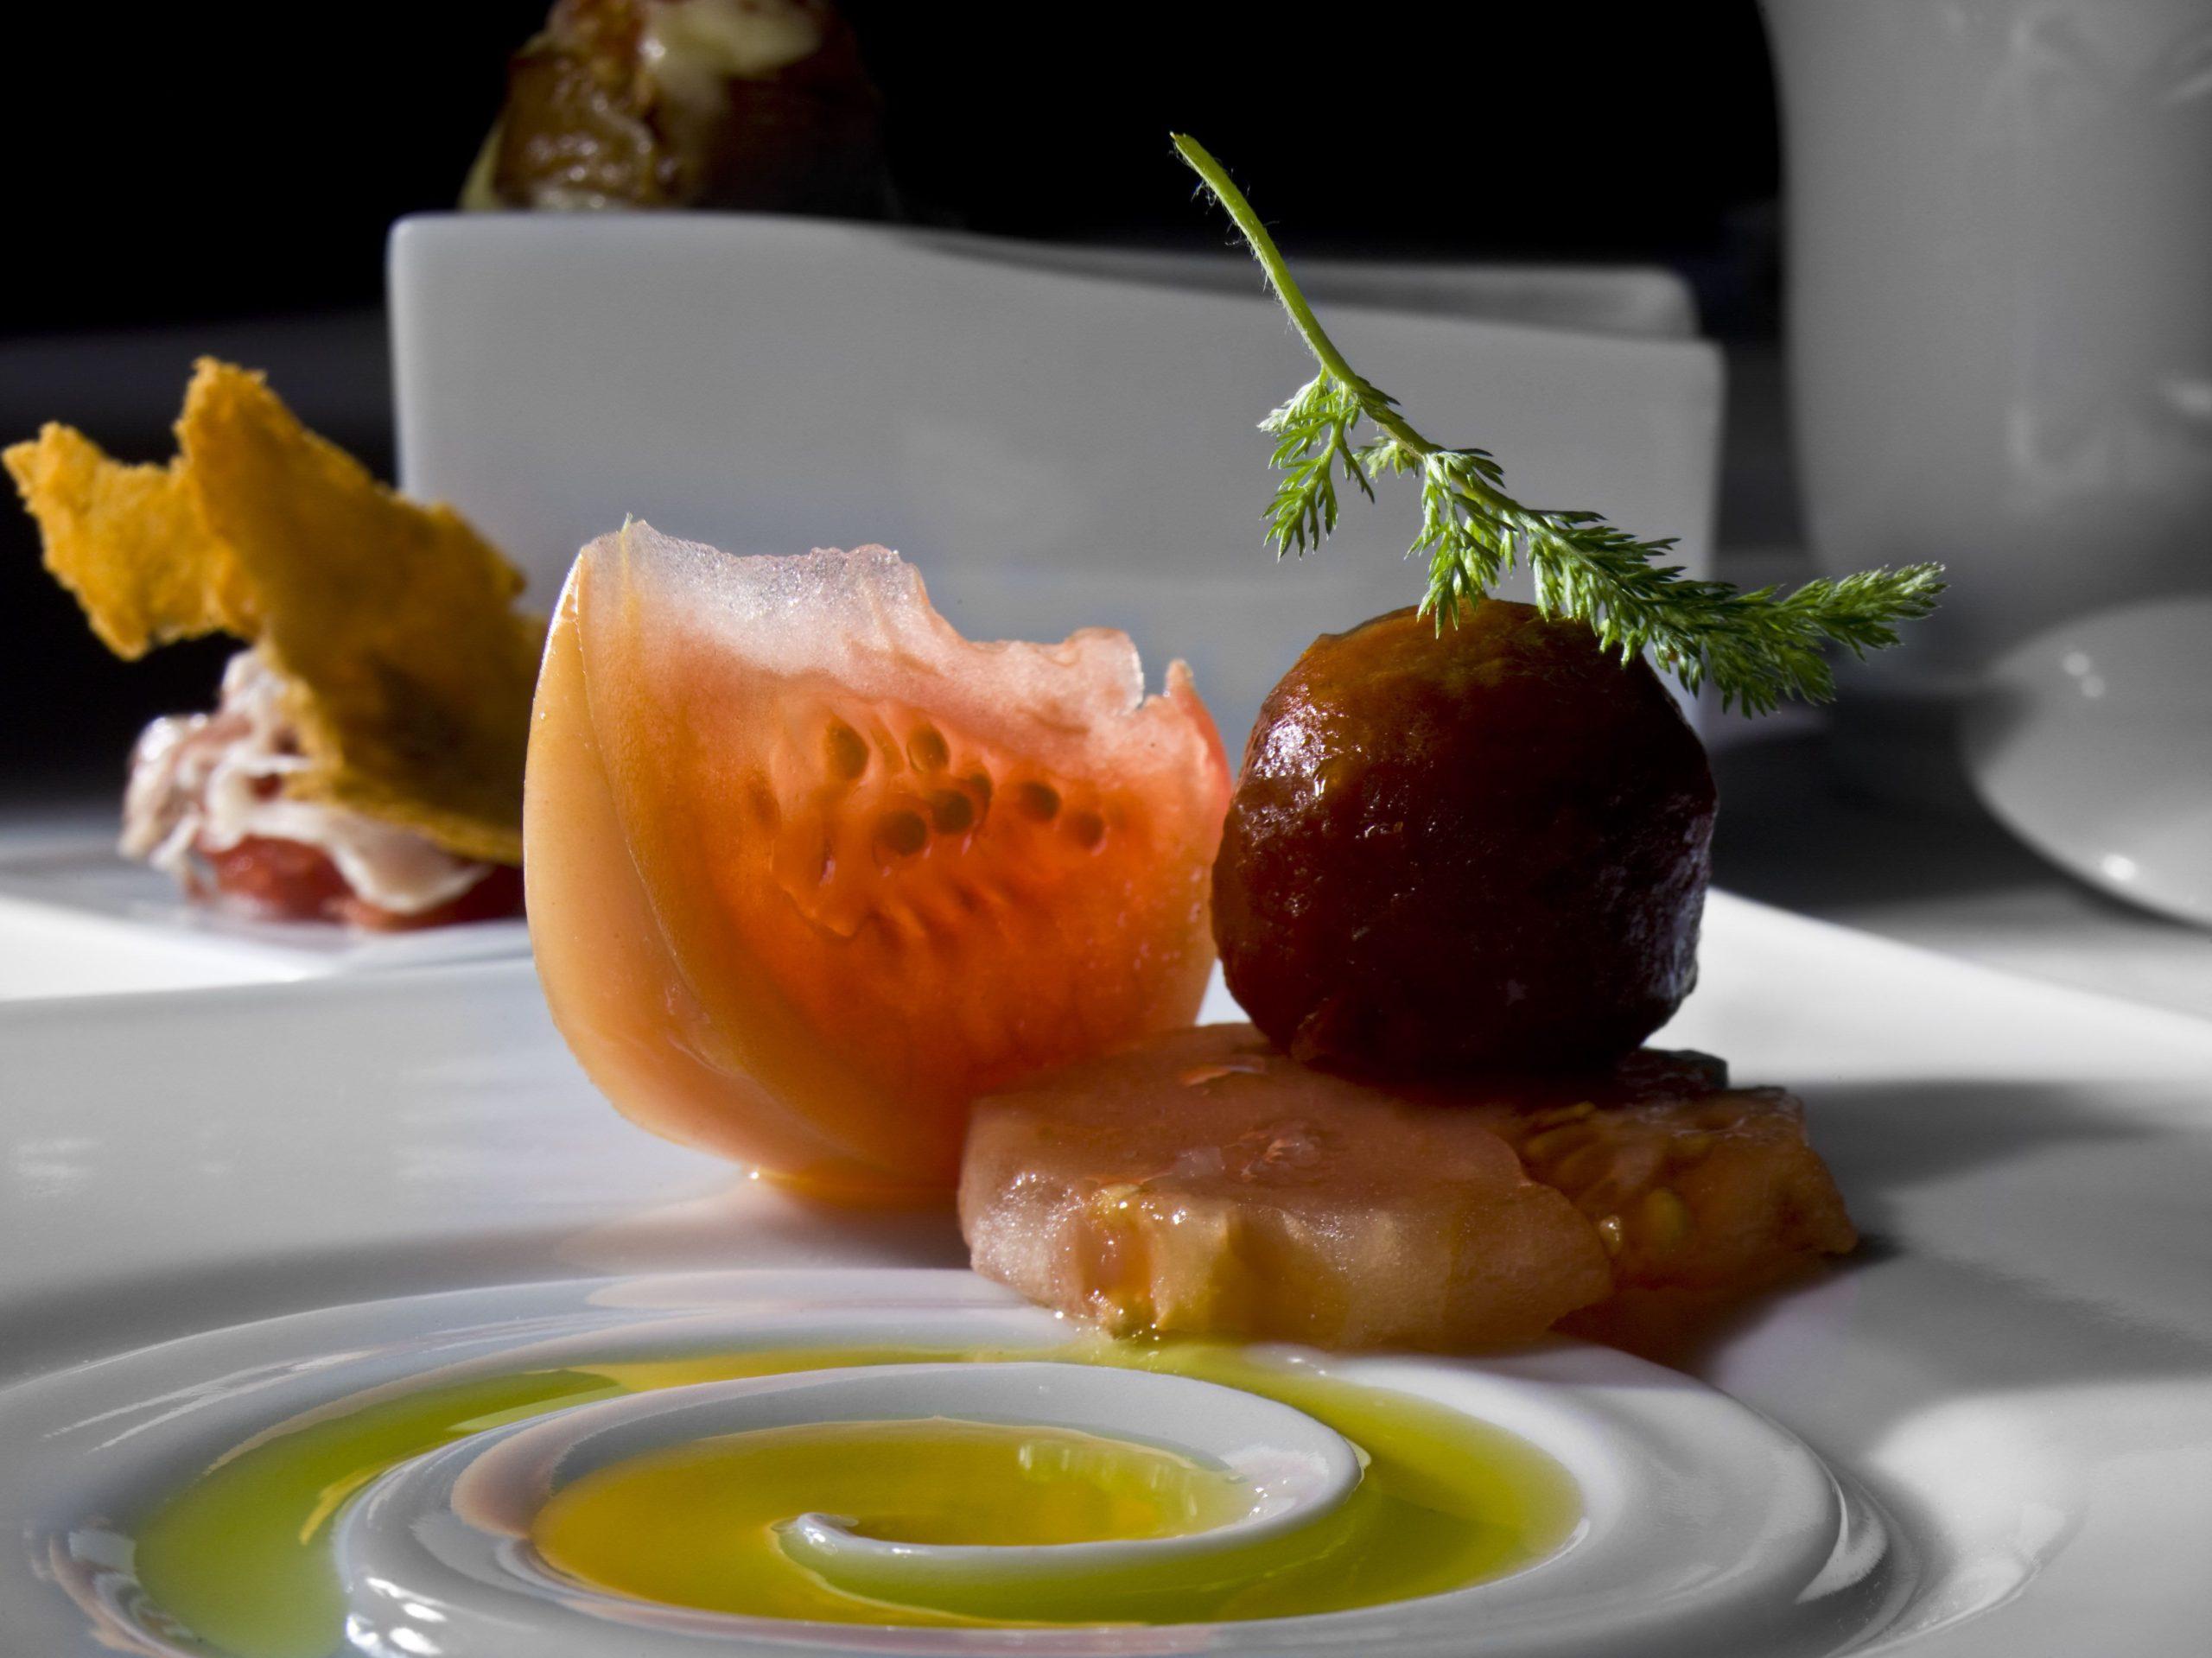 Ramon-Freixa-Tomate